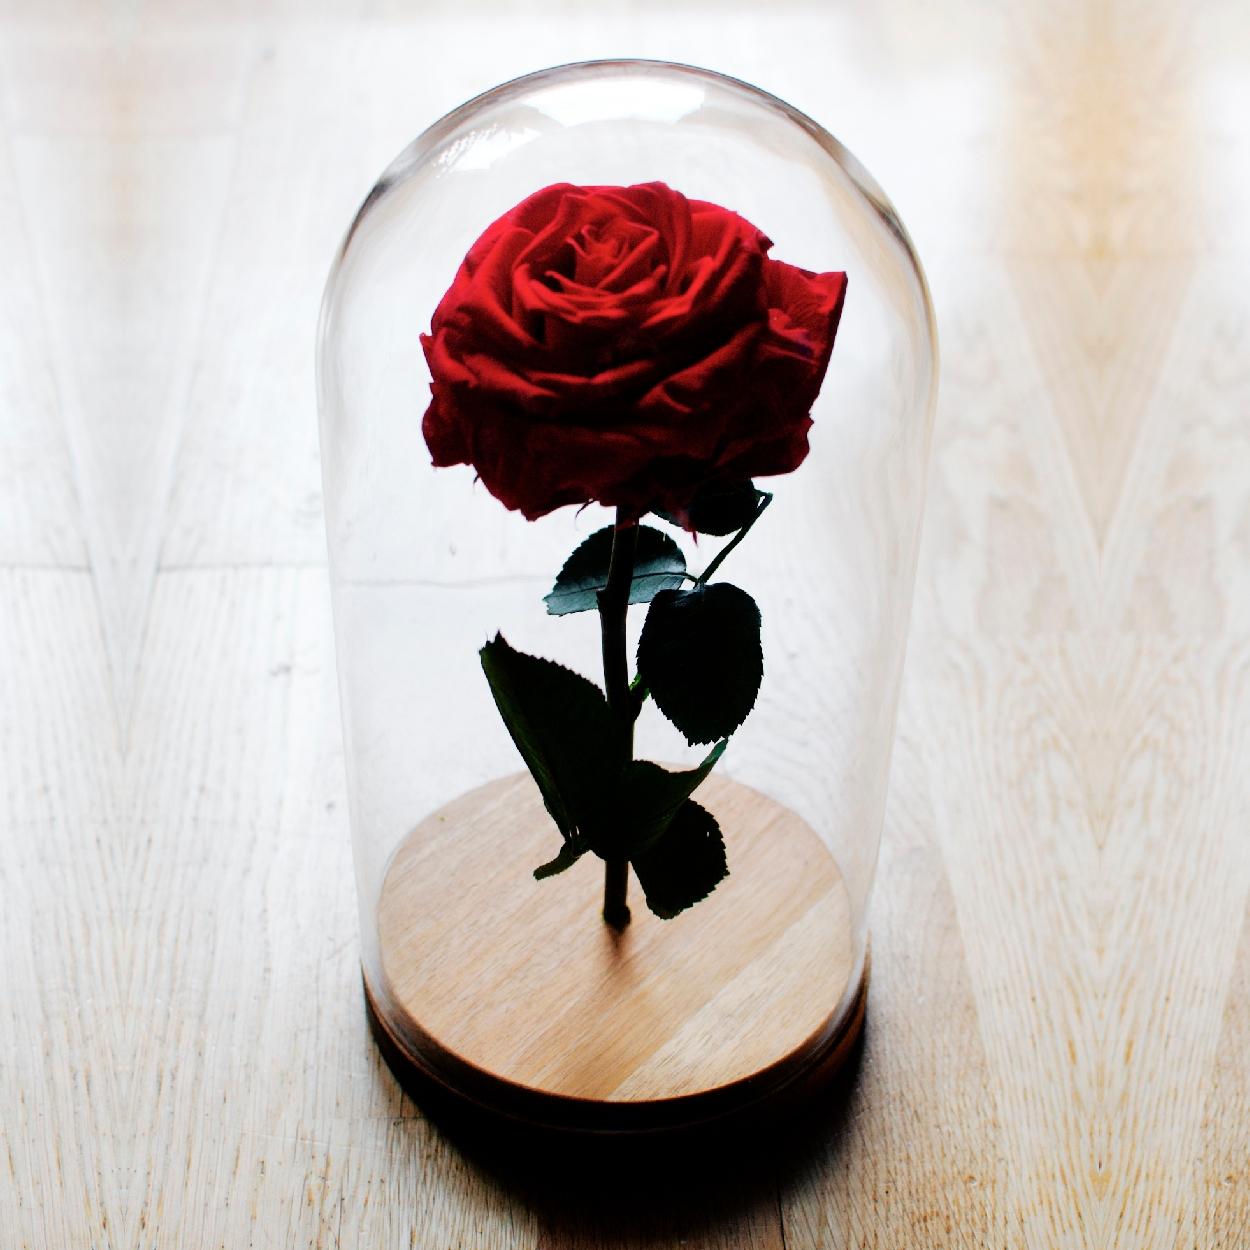 Rosa Stabilizzata (@rosastabilizzata) Cover Image